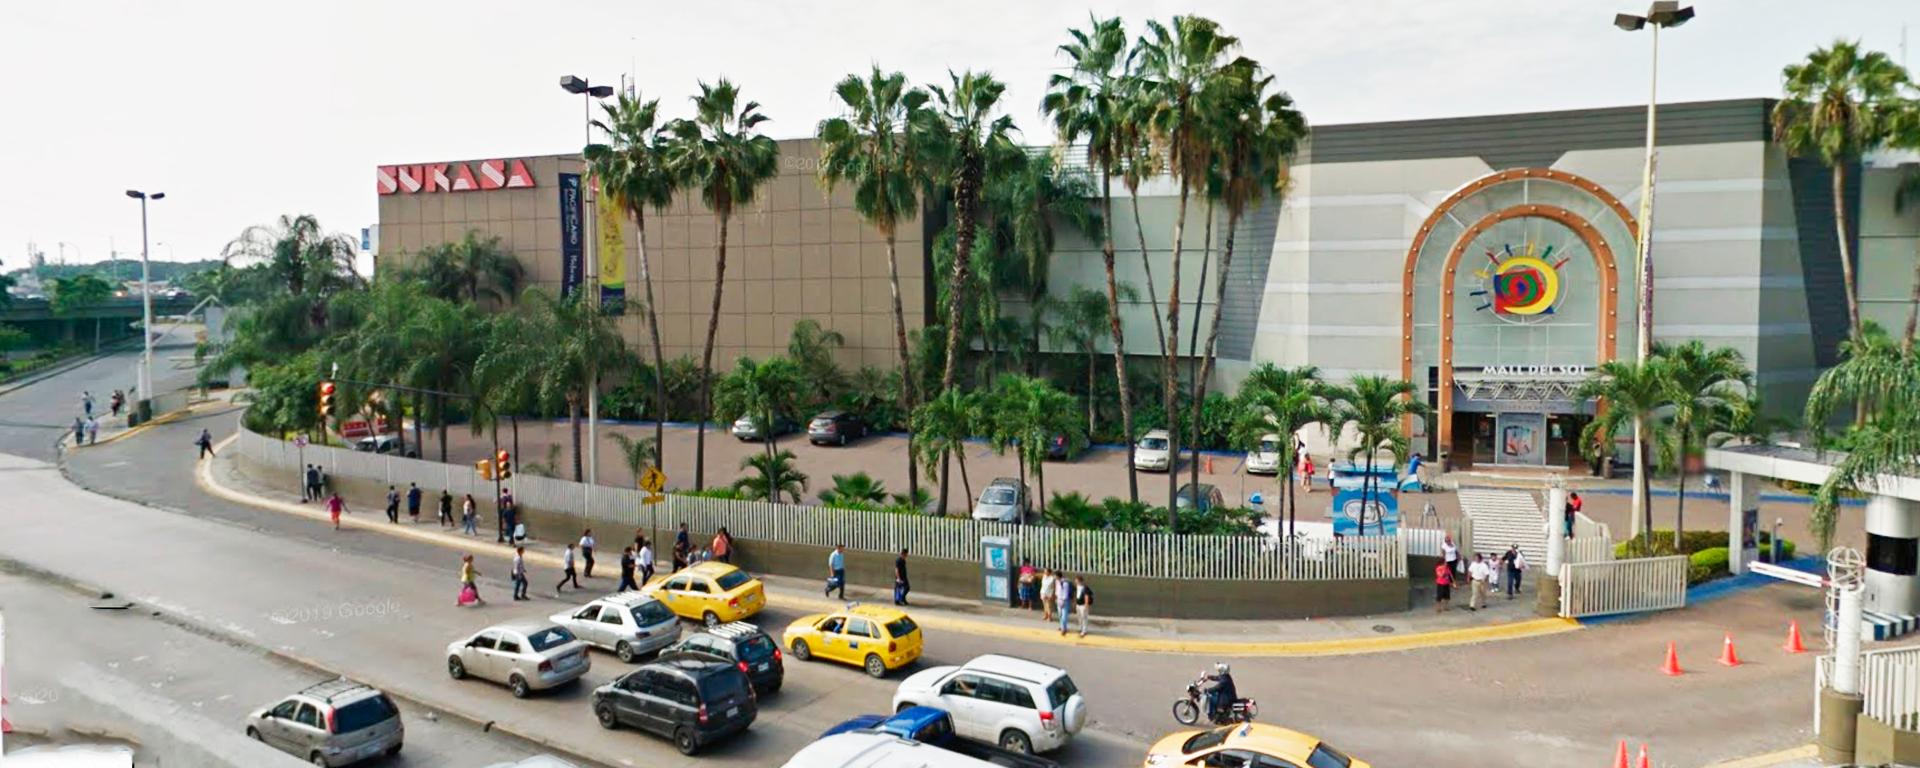 Trespa-hpl-fenolico-ecuador-mall-del-sol-acimco-antes